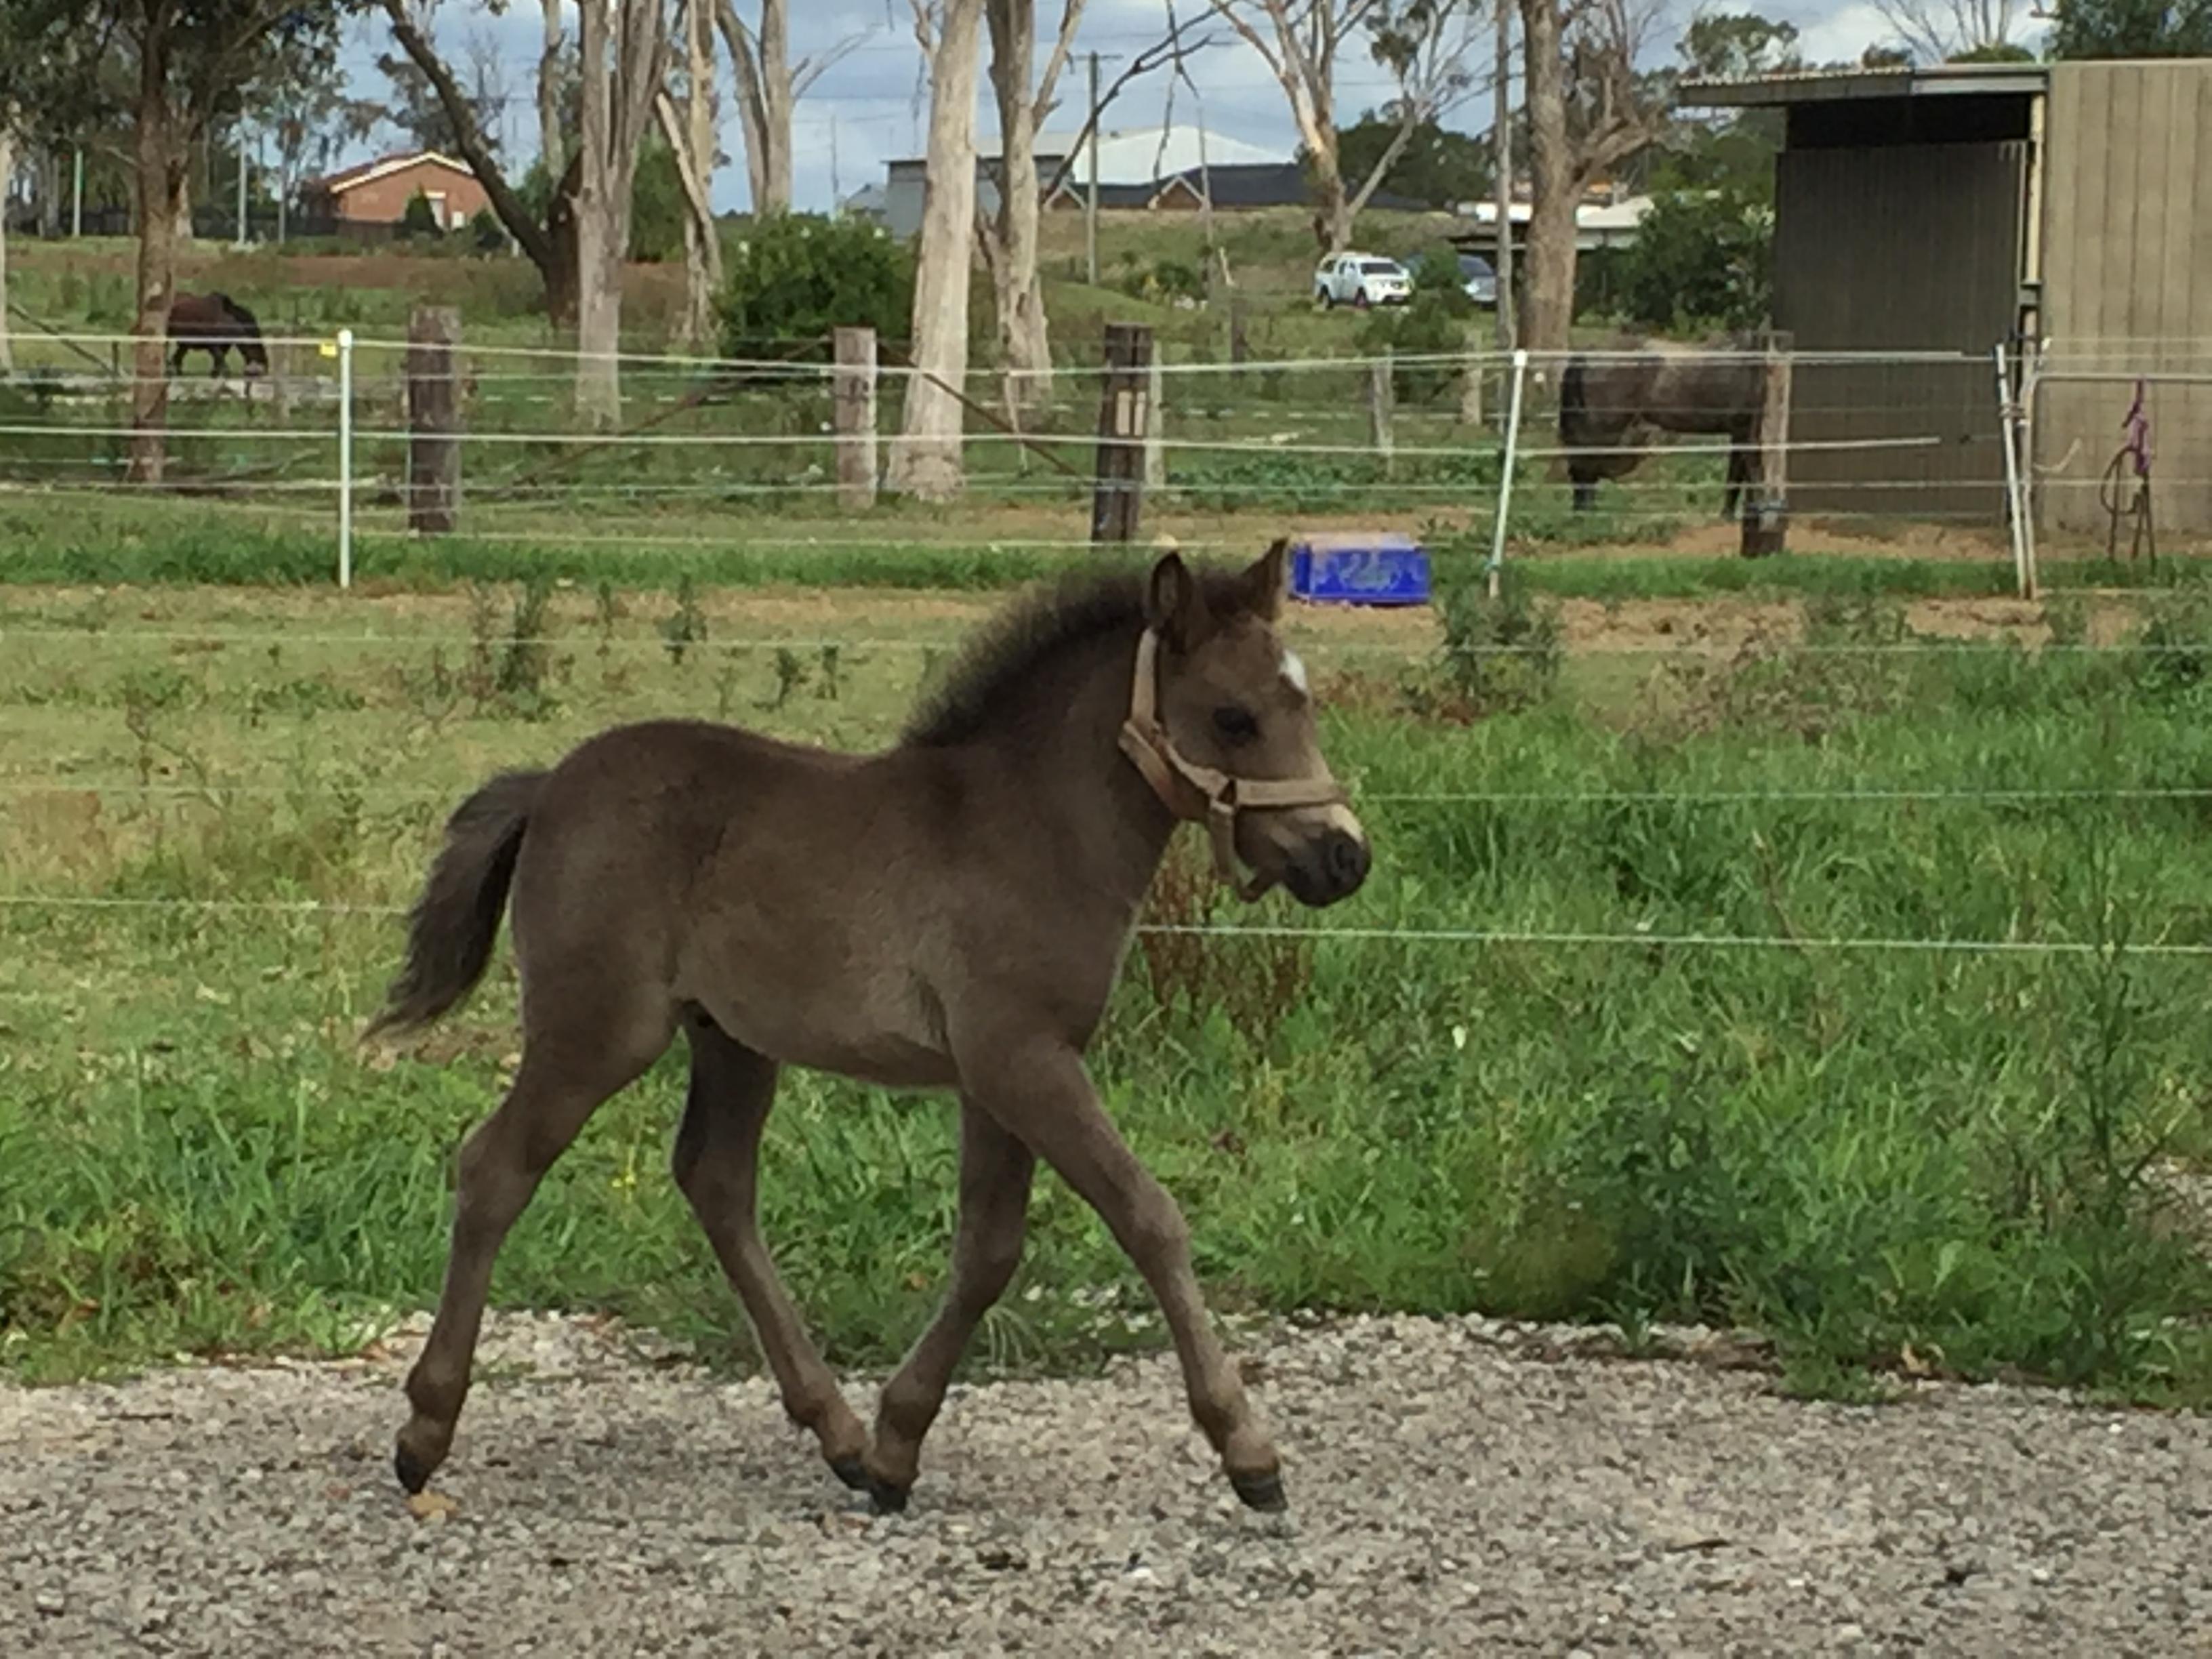 SMALL HORSE MARE